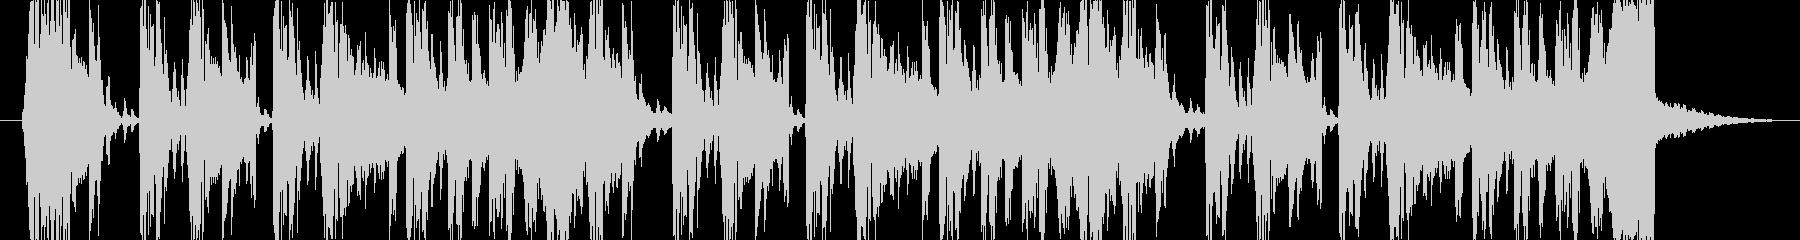 ブレイクビート系ラジオのジングルの未再生の波形